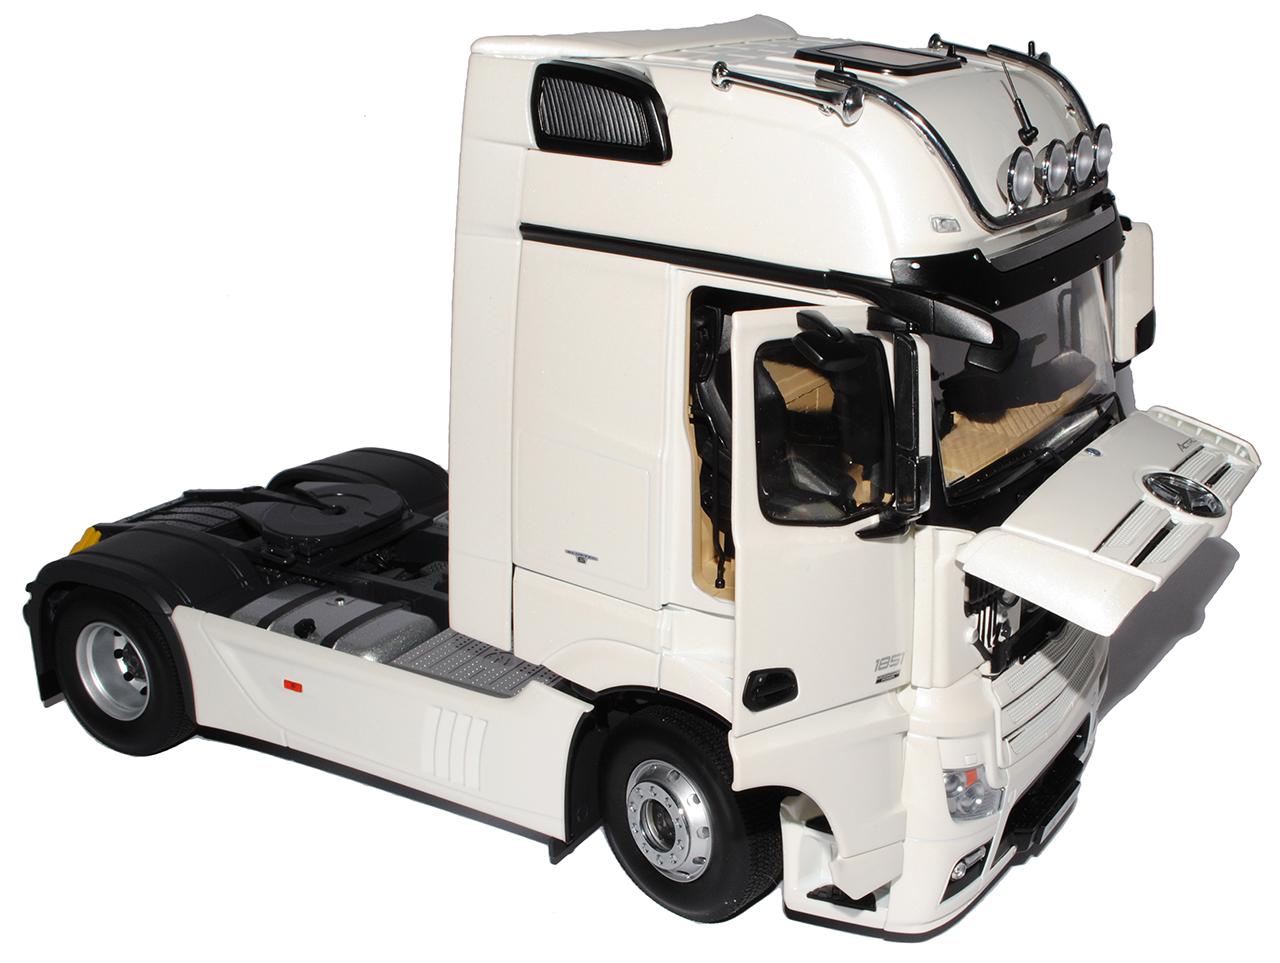 Mercedes-Benz Actros Actros Actros 2 GigaSpace 4 x 2 blanco FH25 B66006402 NZG 1 18 modelos coches... a9d26a